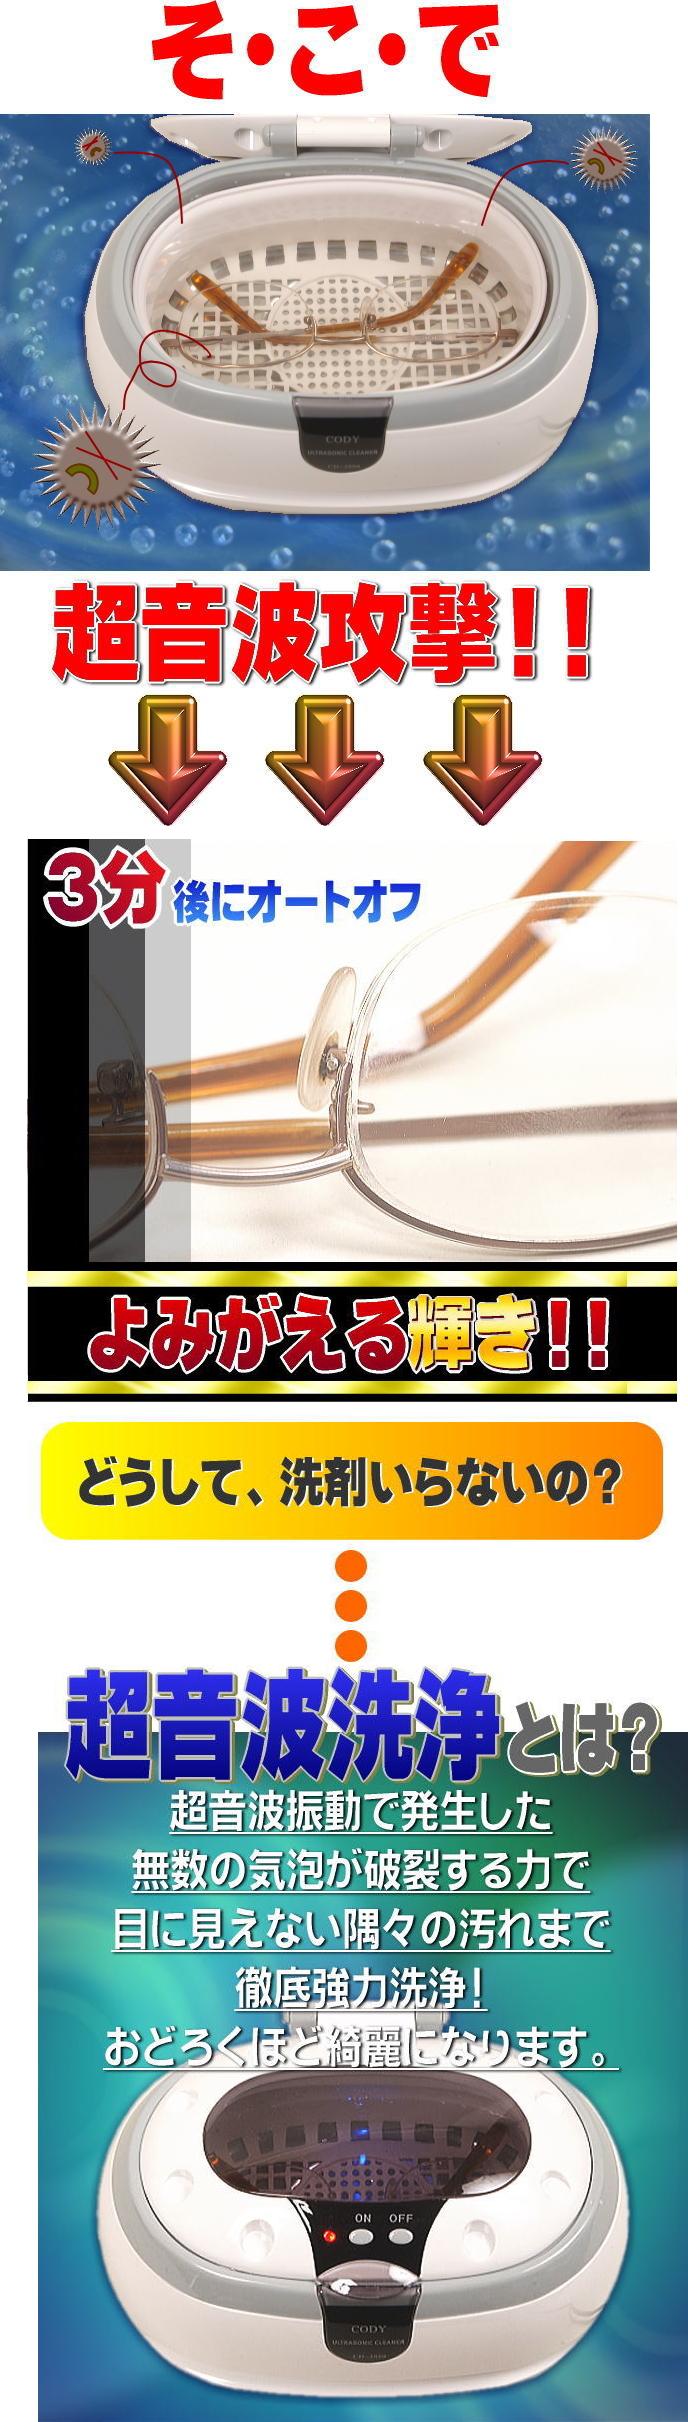 http://www.plata.co.jp/user/tori/cleaner2.jpg